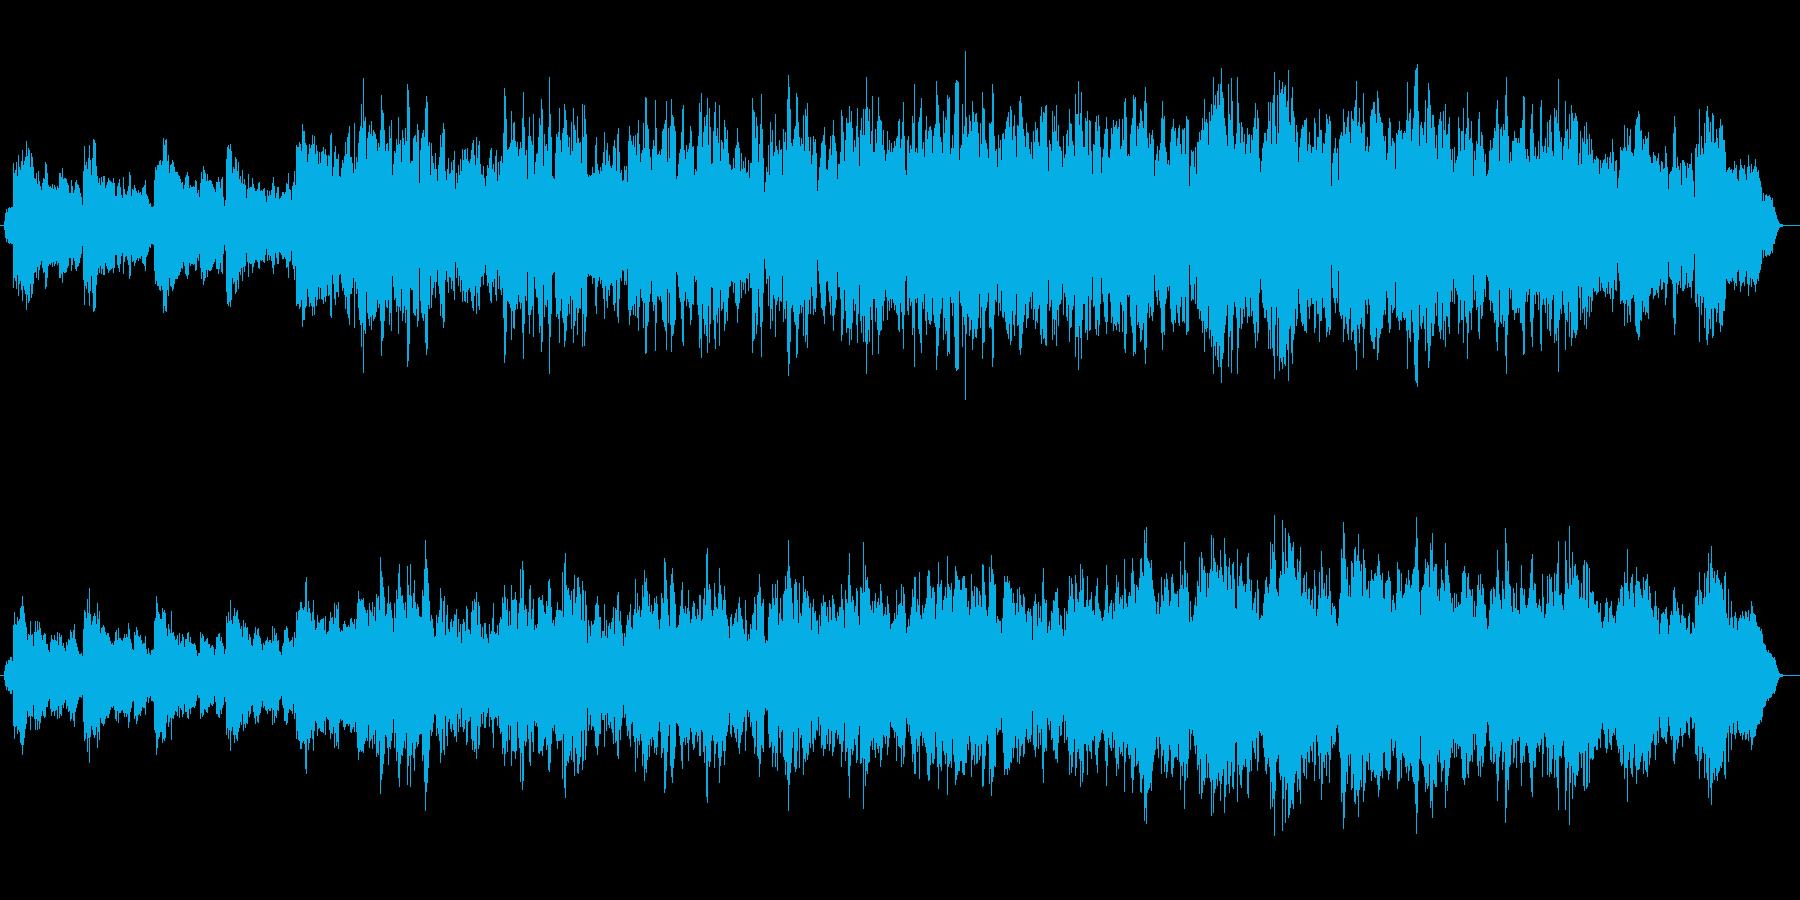 美しいループのヒーリングミュージックの再生済みの波形